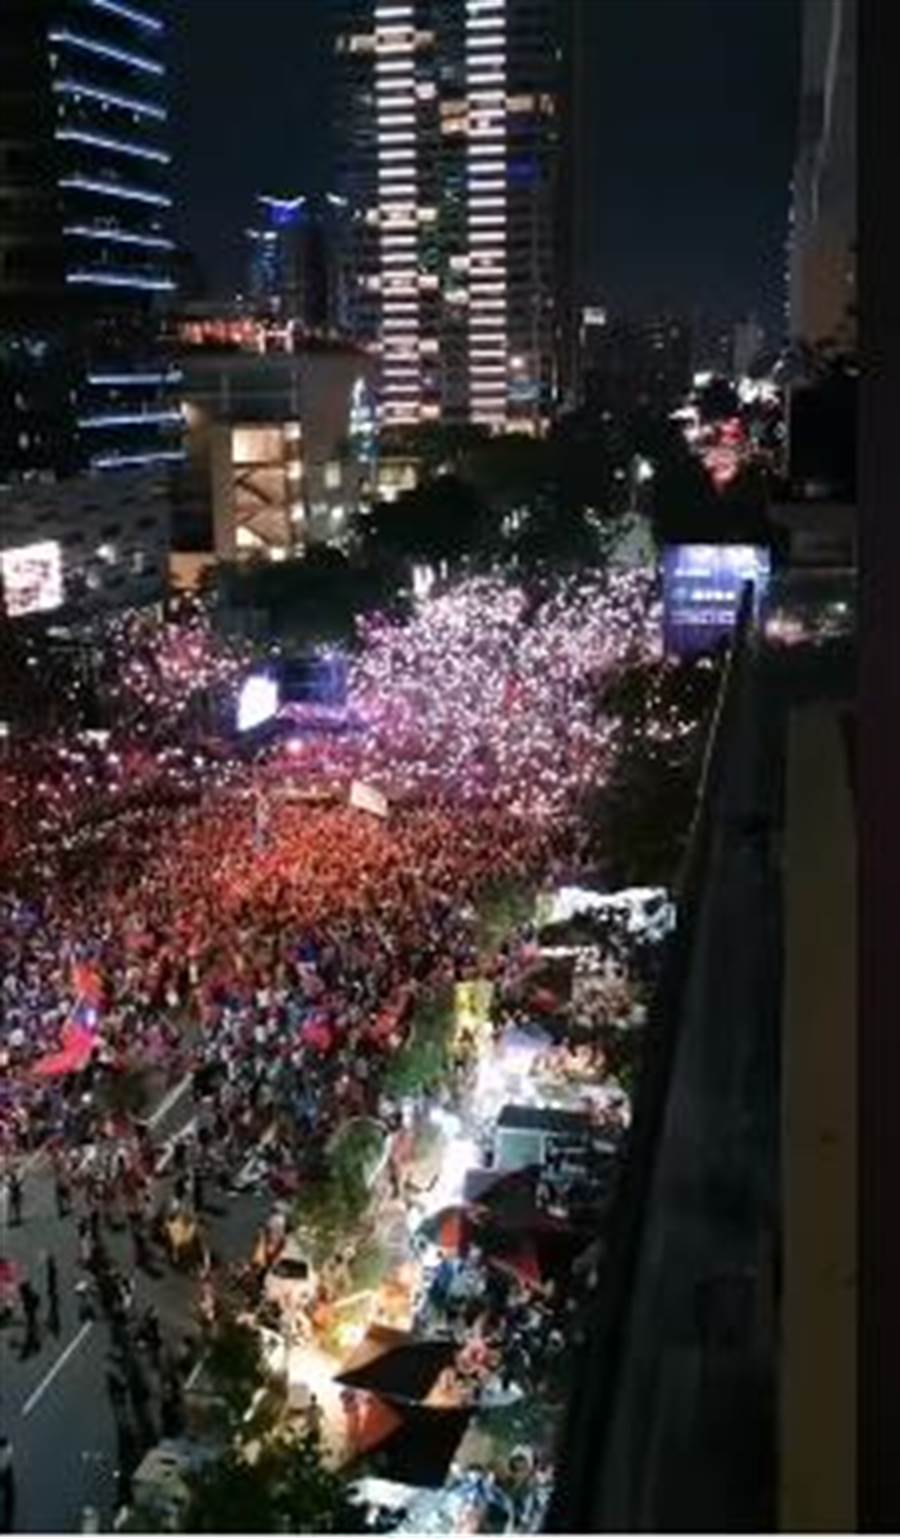 一段從七期豪宅夜拍韓國瑜造勢場的畫面曝光,會場旁的道路也擠滿人。韓粉都大讚拍的好,「拍的人比電視上還多還狂ㄟ」。(截圖自韓家軍-新生影片)